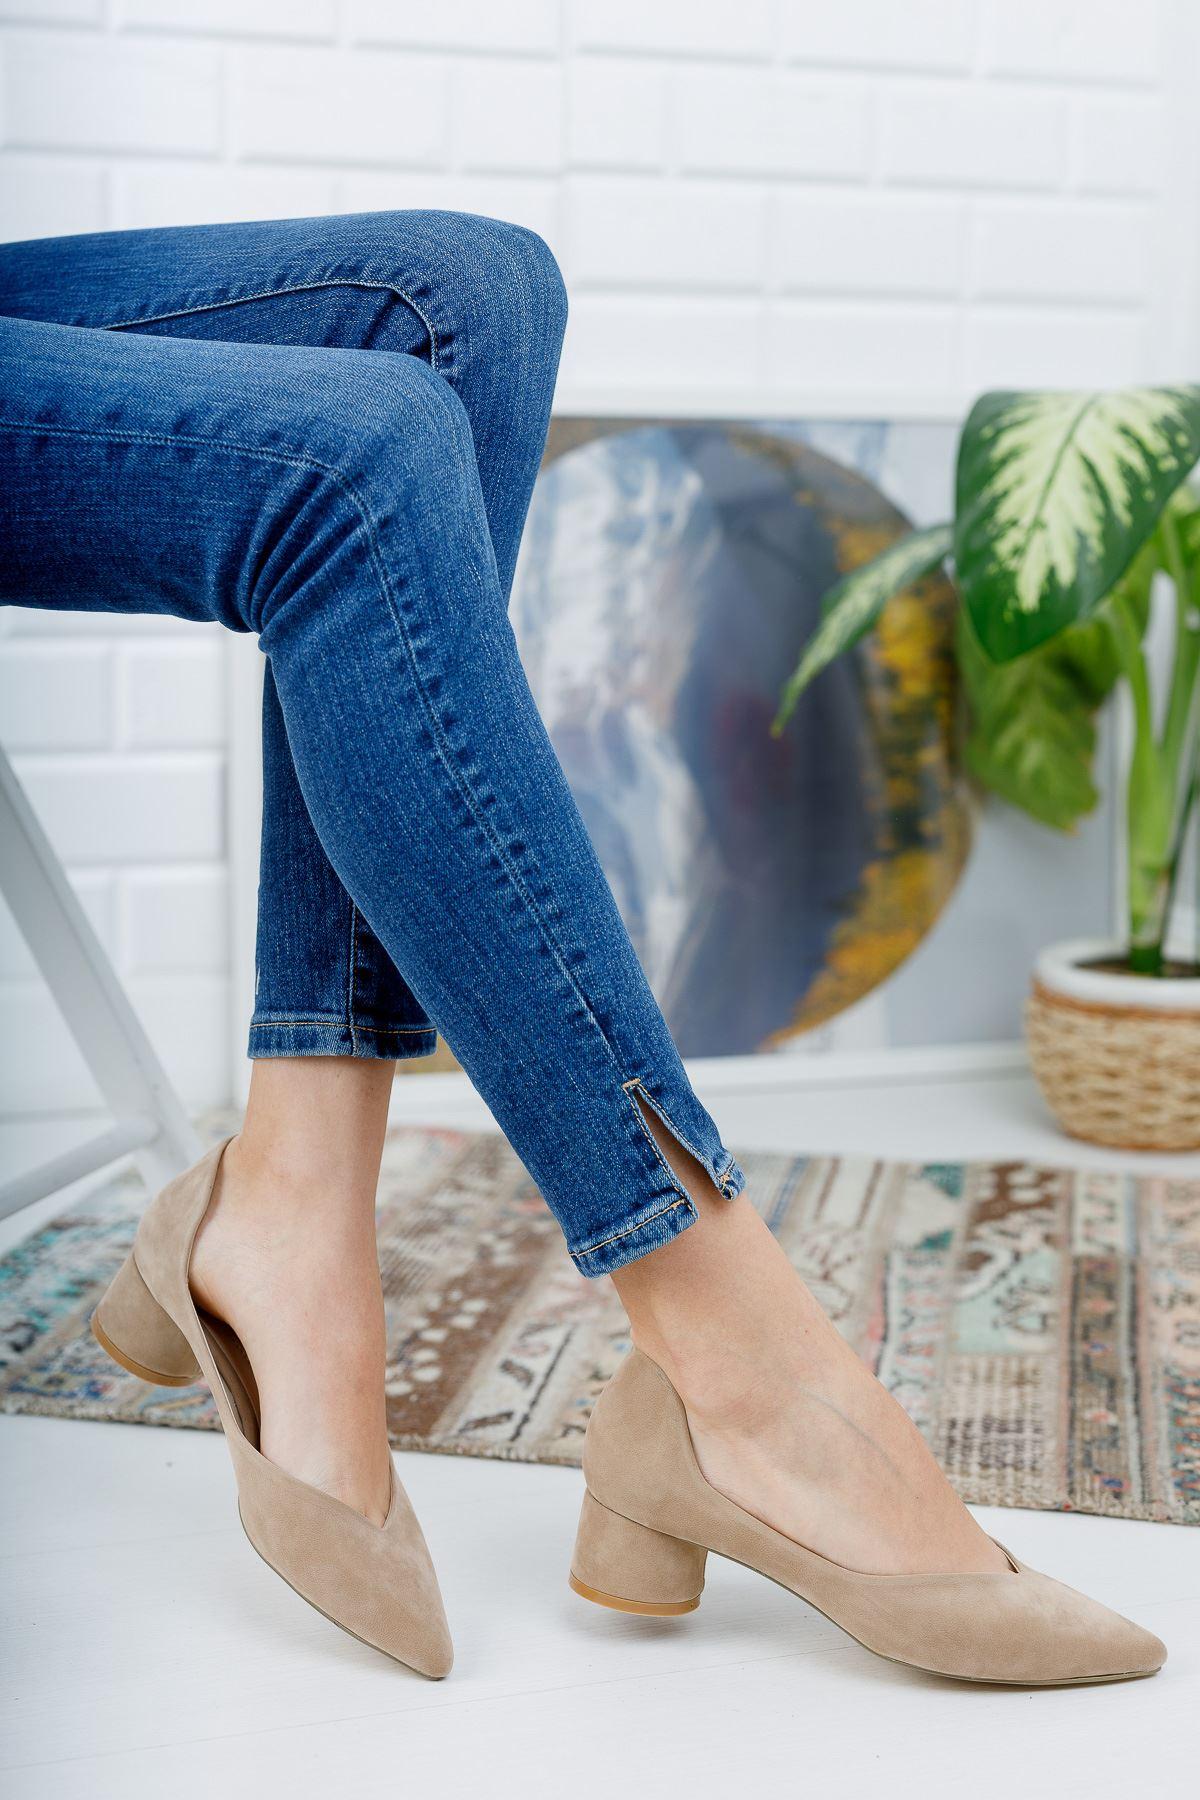 Düz Vizon Süet Köşe Kalıp Klasik Kalın Topuklu Ayakkabı